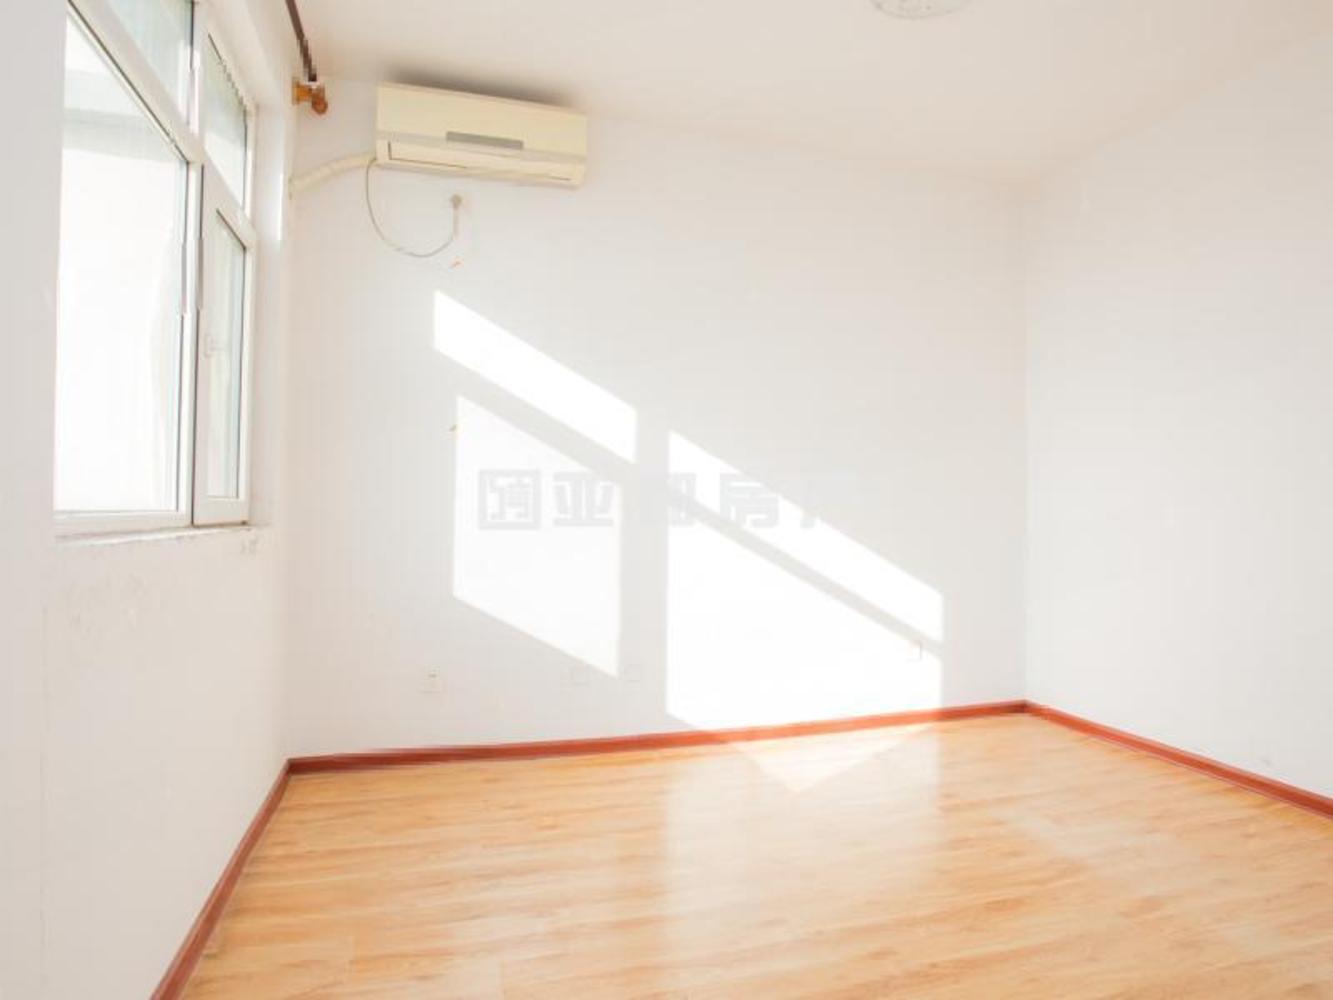 成龙公寓 小面积 实验 市场新低 总价只要68万 满两年